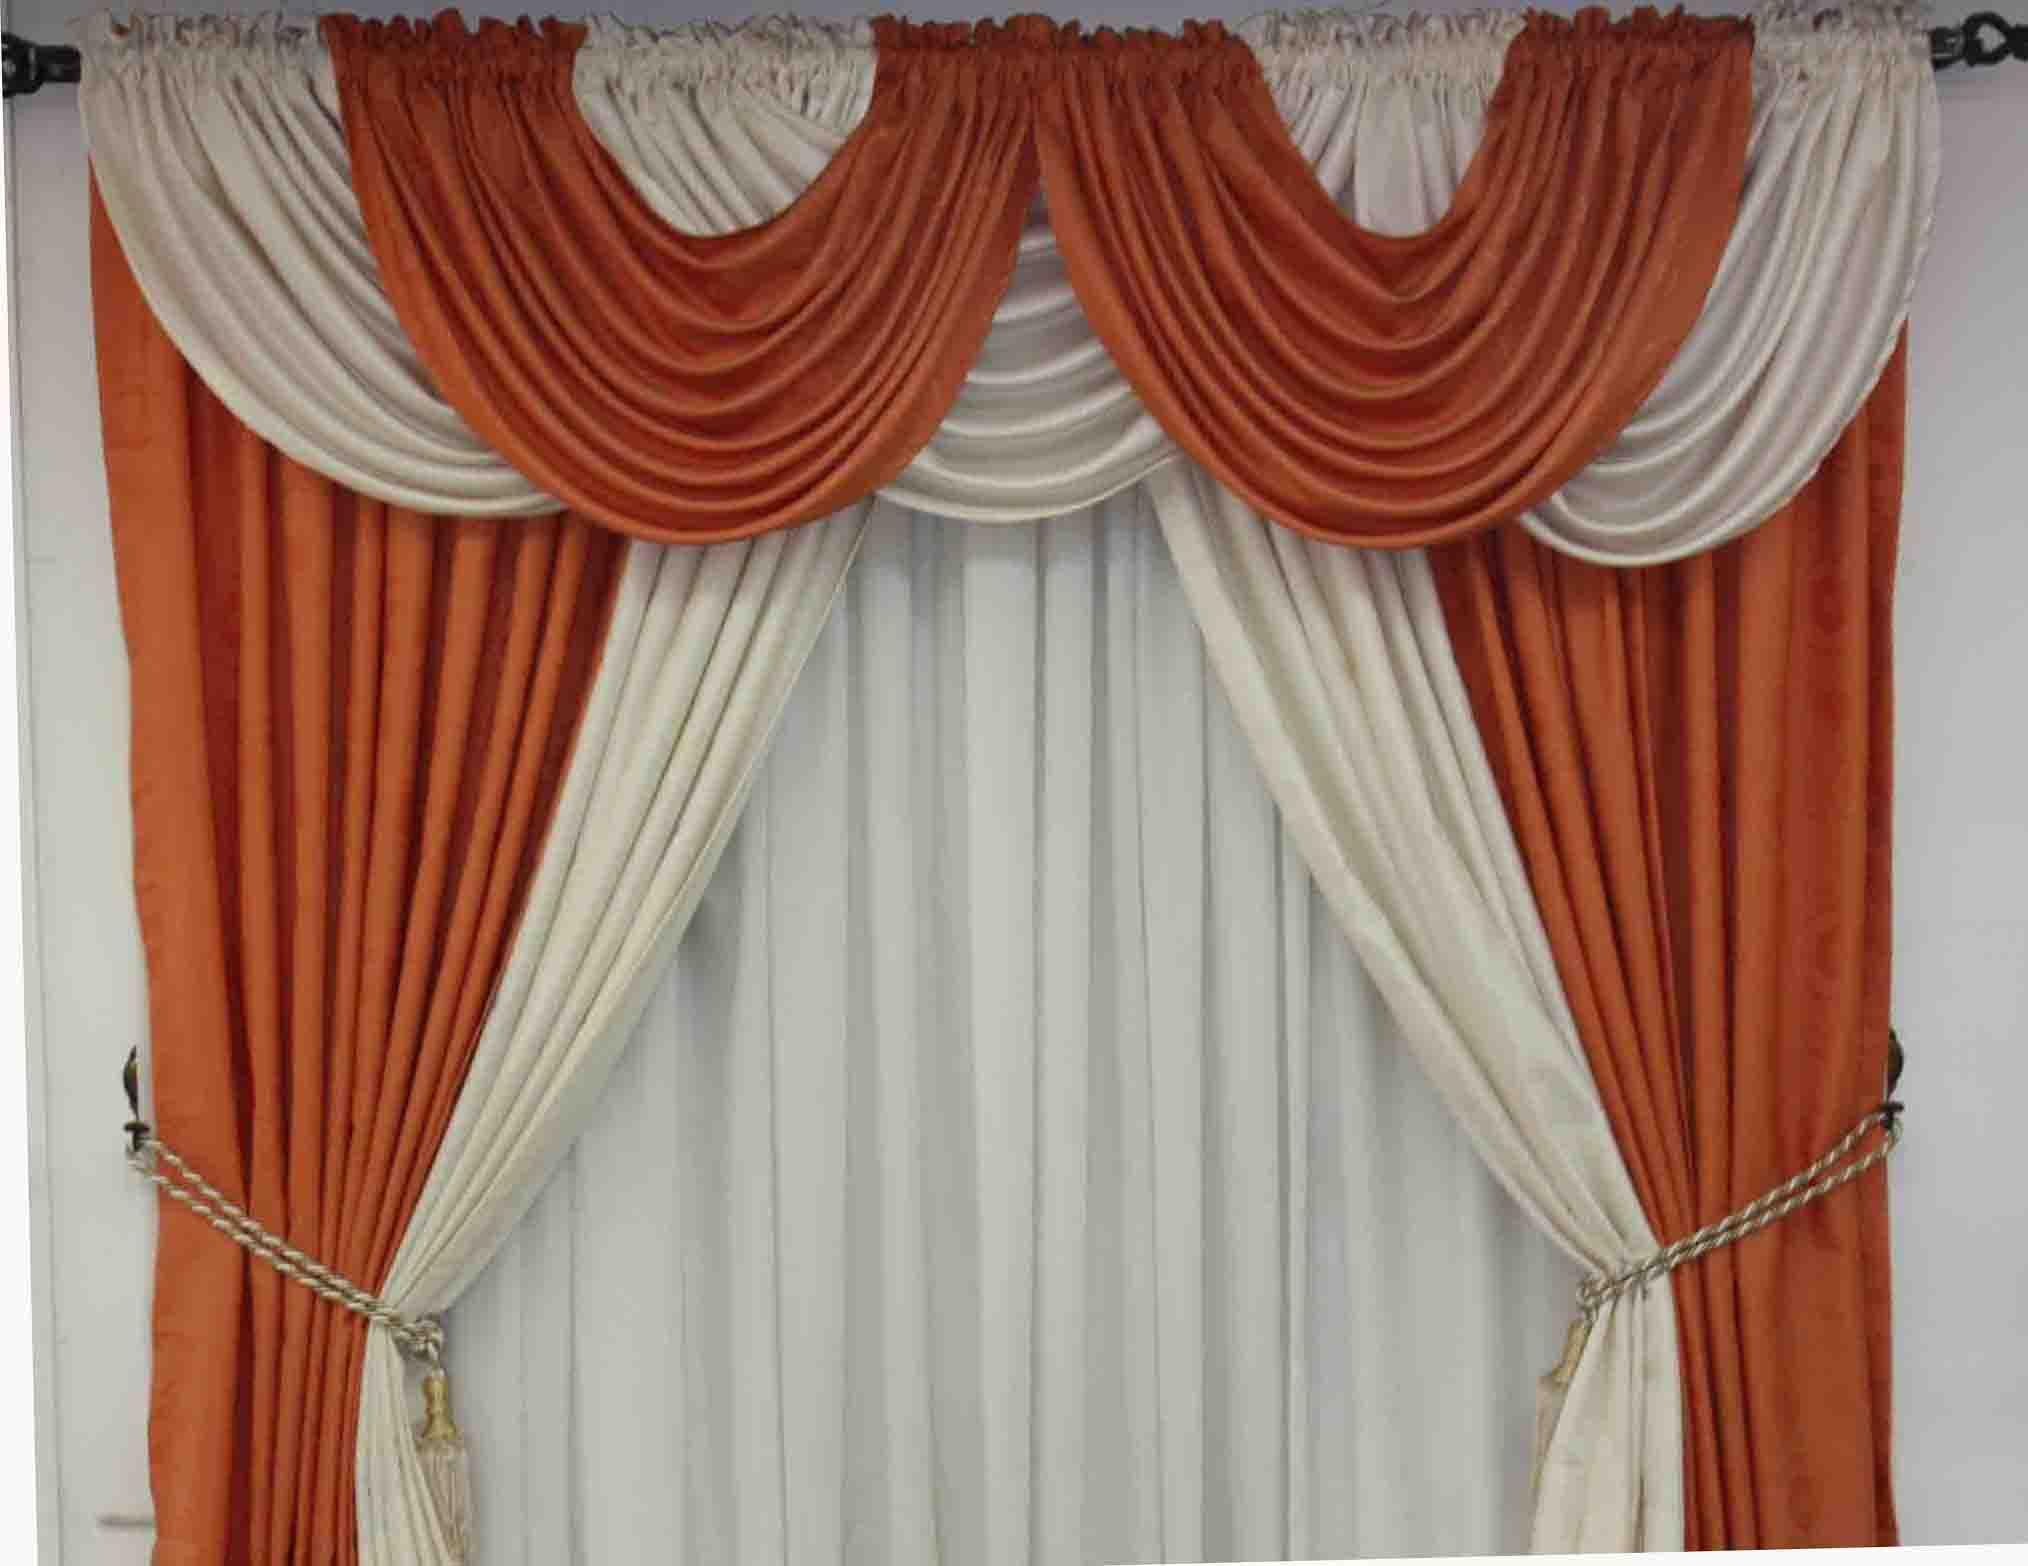 C mo hacer cenefas entrelazadas paso a paso y muy f cil - Ver telas de cortinas ...